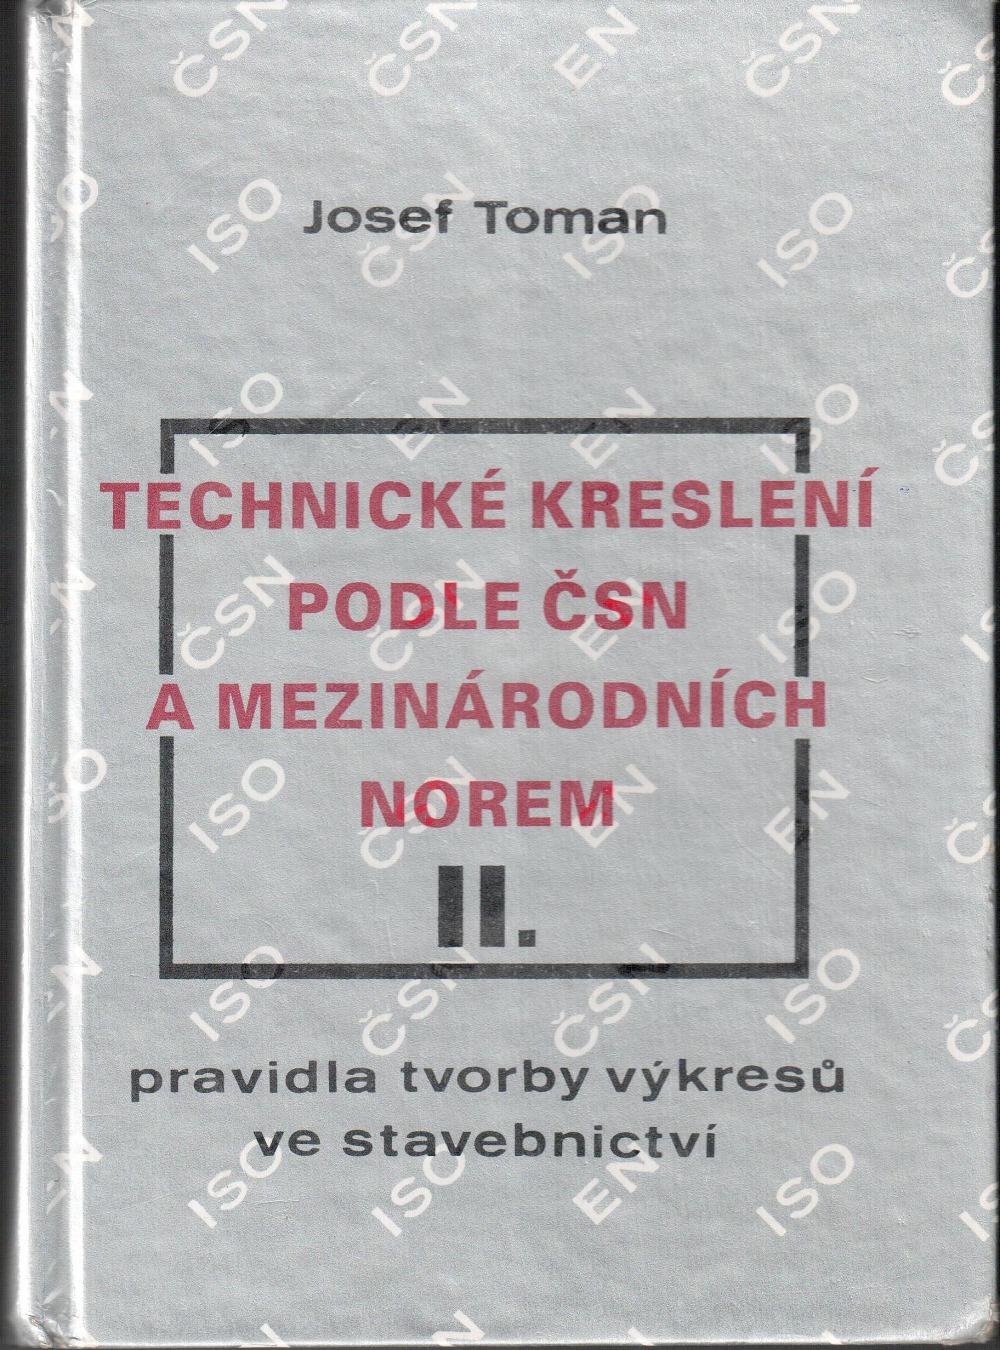 3a845046ed6 Technické kreslení podle ČSN a mezinárodních norem II. - Josef Toman ...